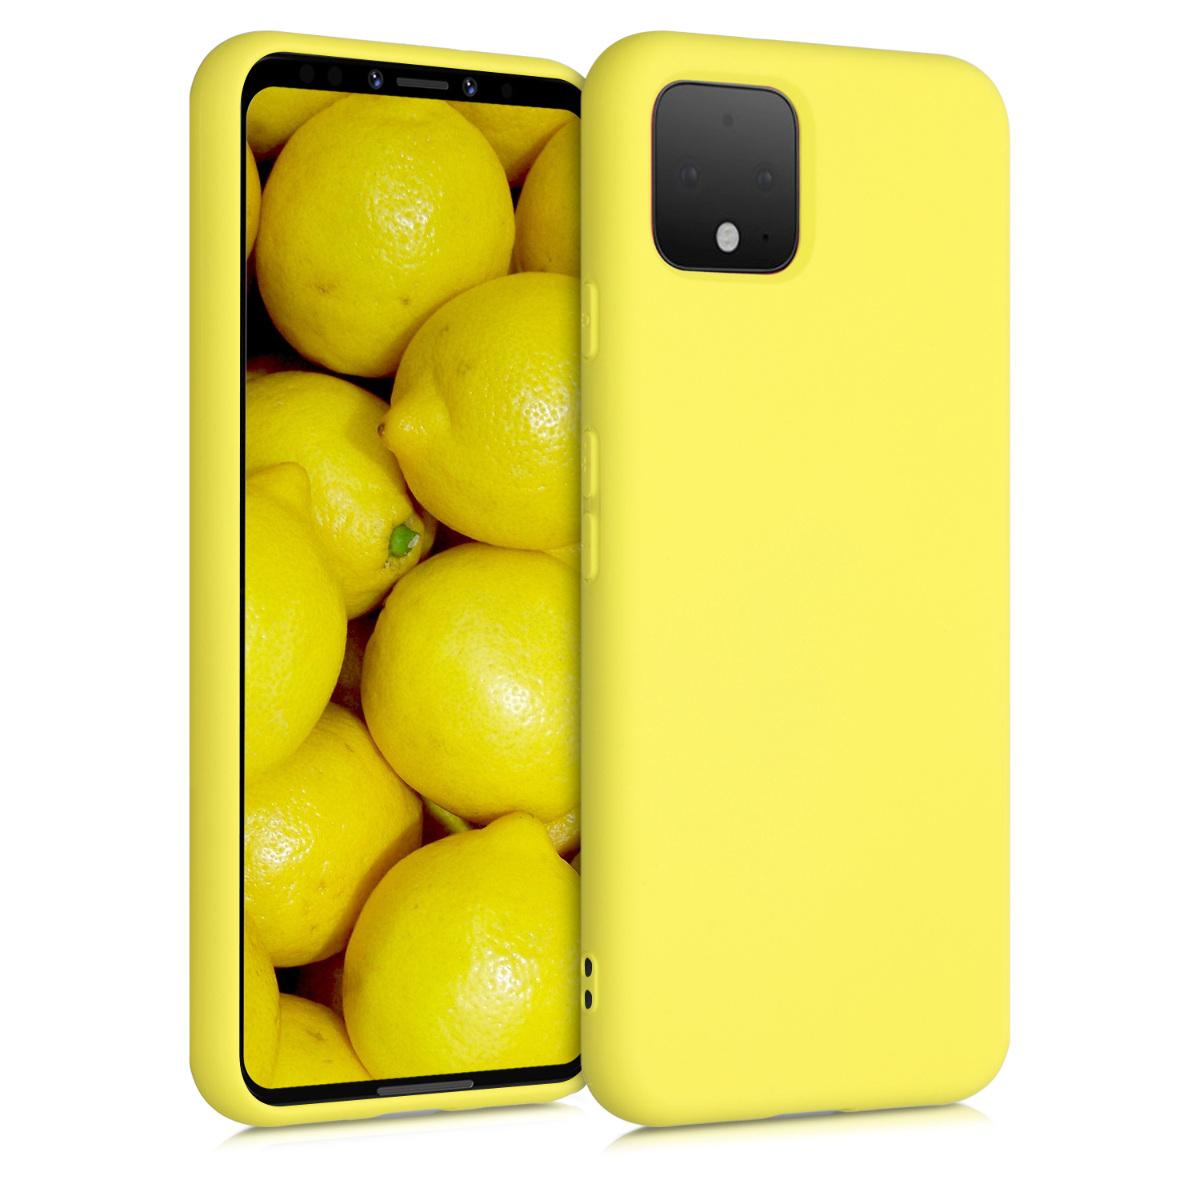 Kvalitní silikonové TPU pouzdro | obal pro Google Pixel 4 - Pastelově žlutá matná